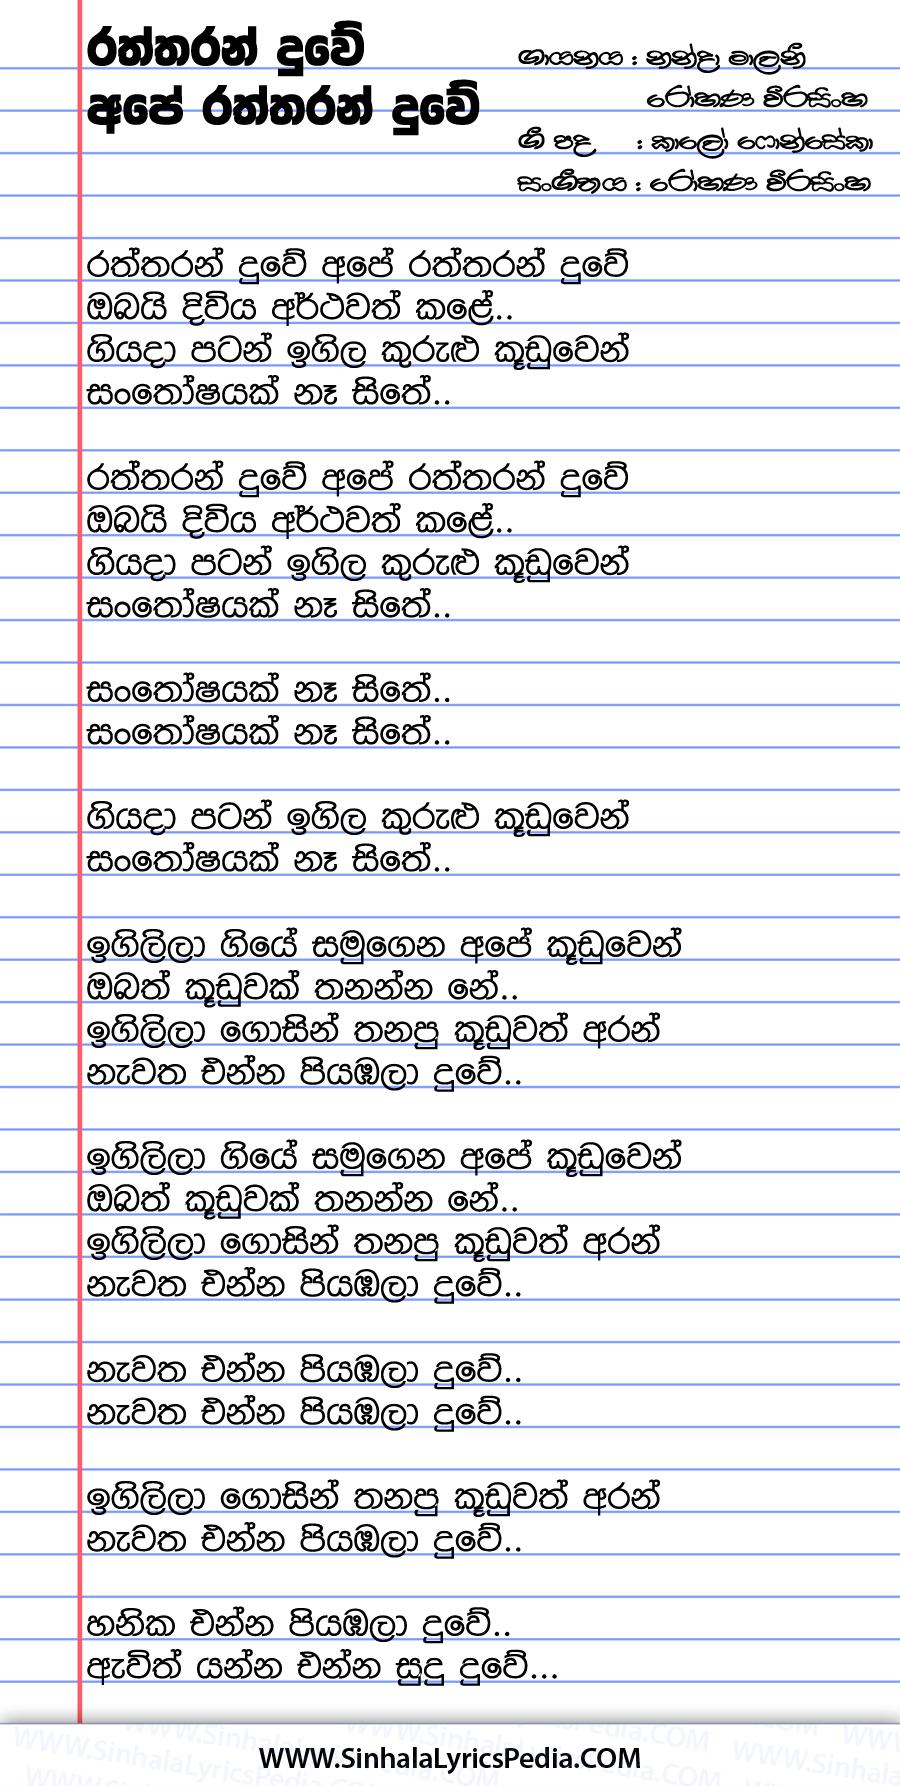 Raththaran Duwe Ape Raththaran Duwe Song Lyrics